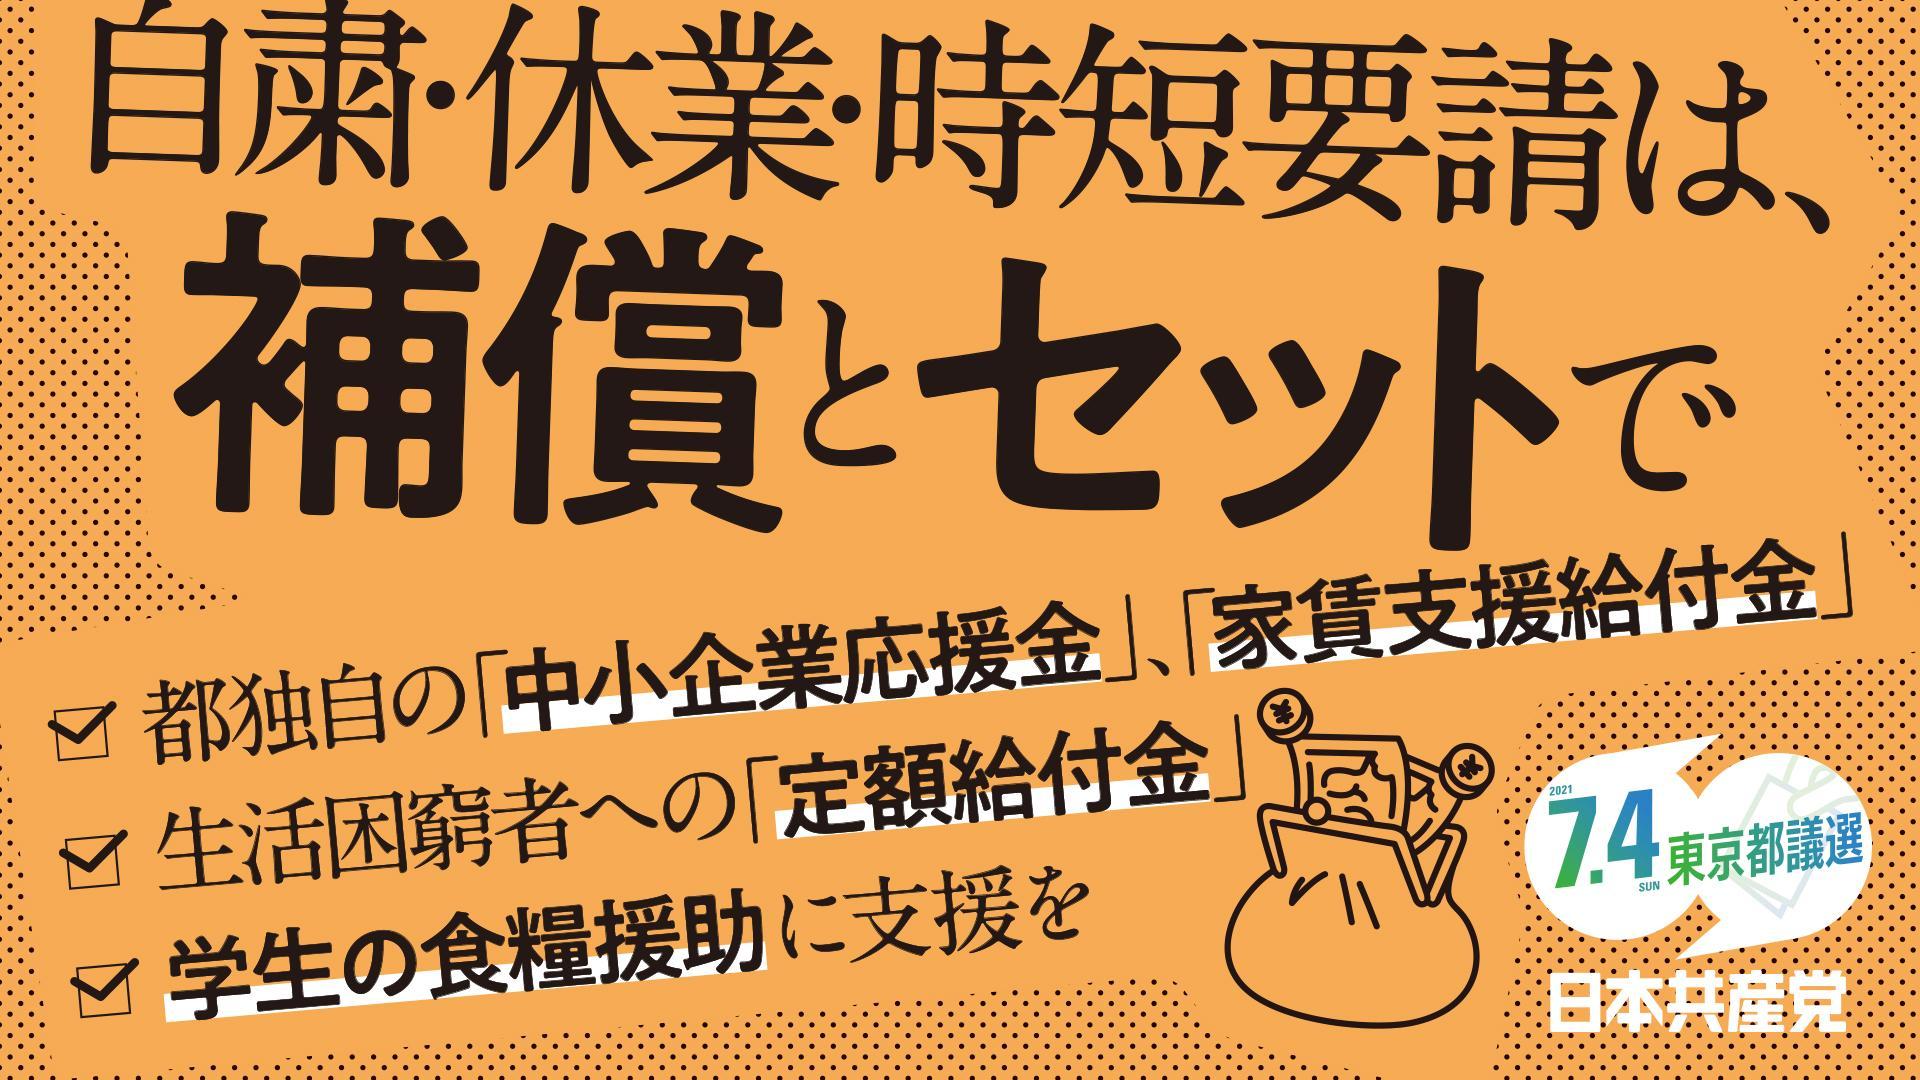 東京都議選2021 自粛・休業・時短要請は、補償とセットで